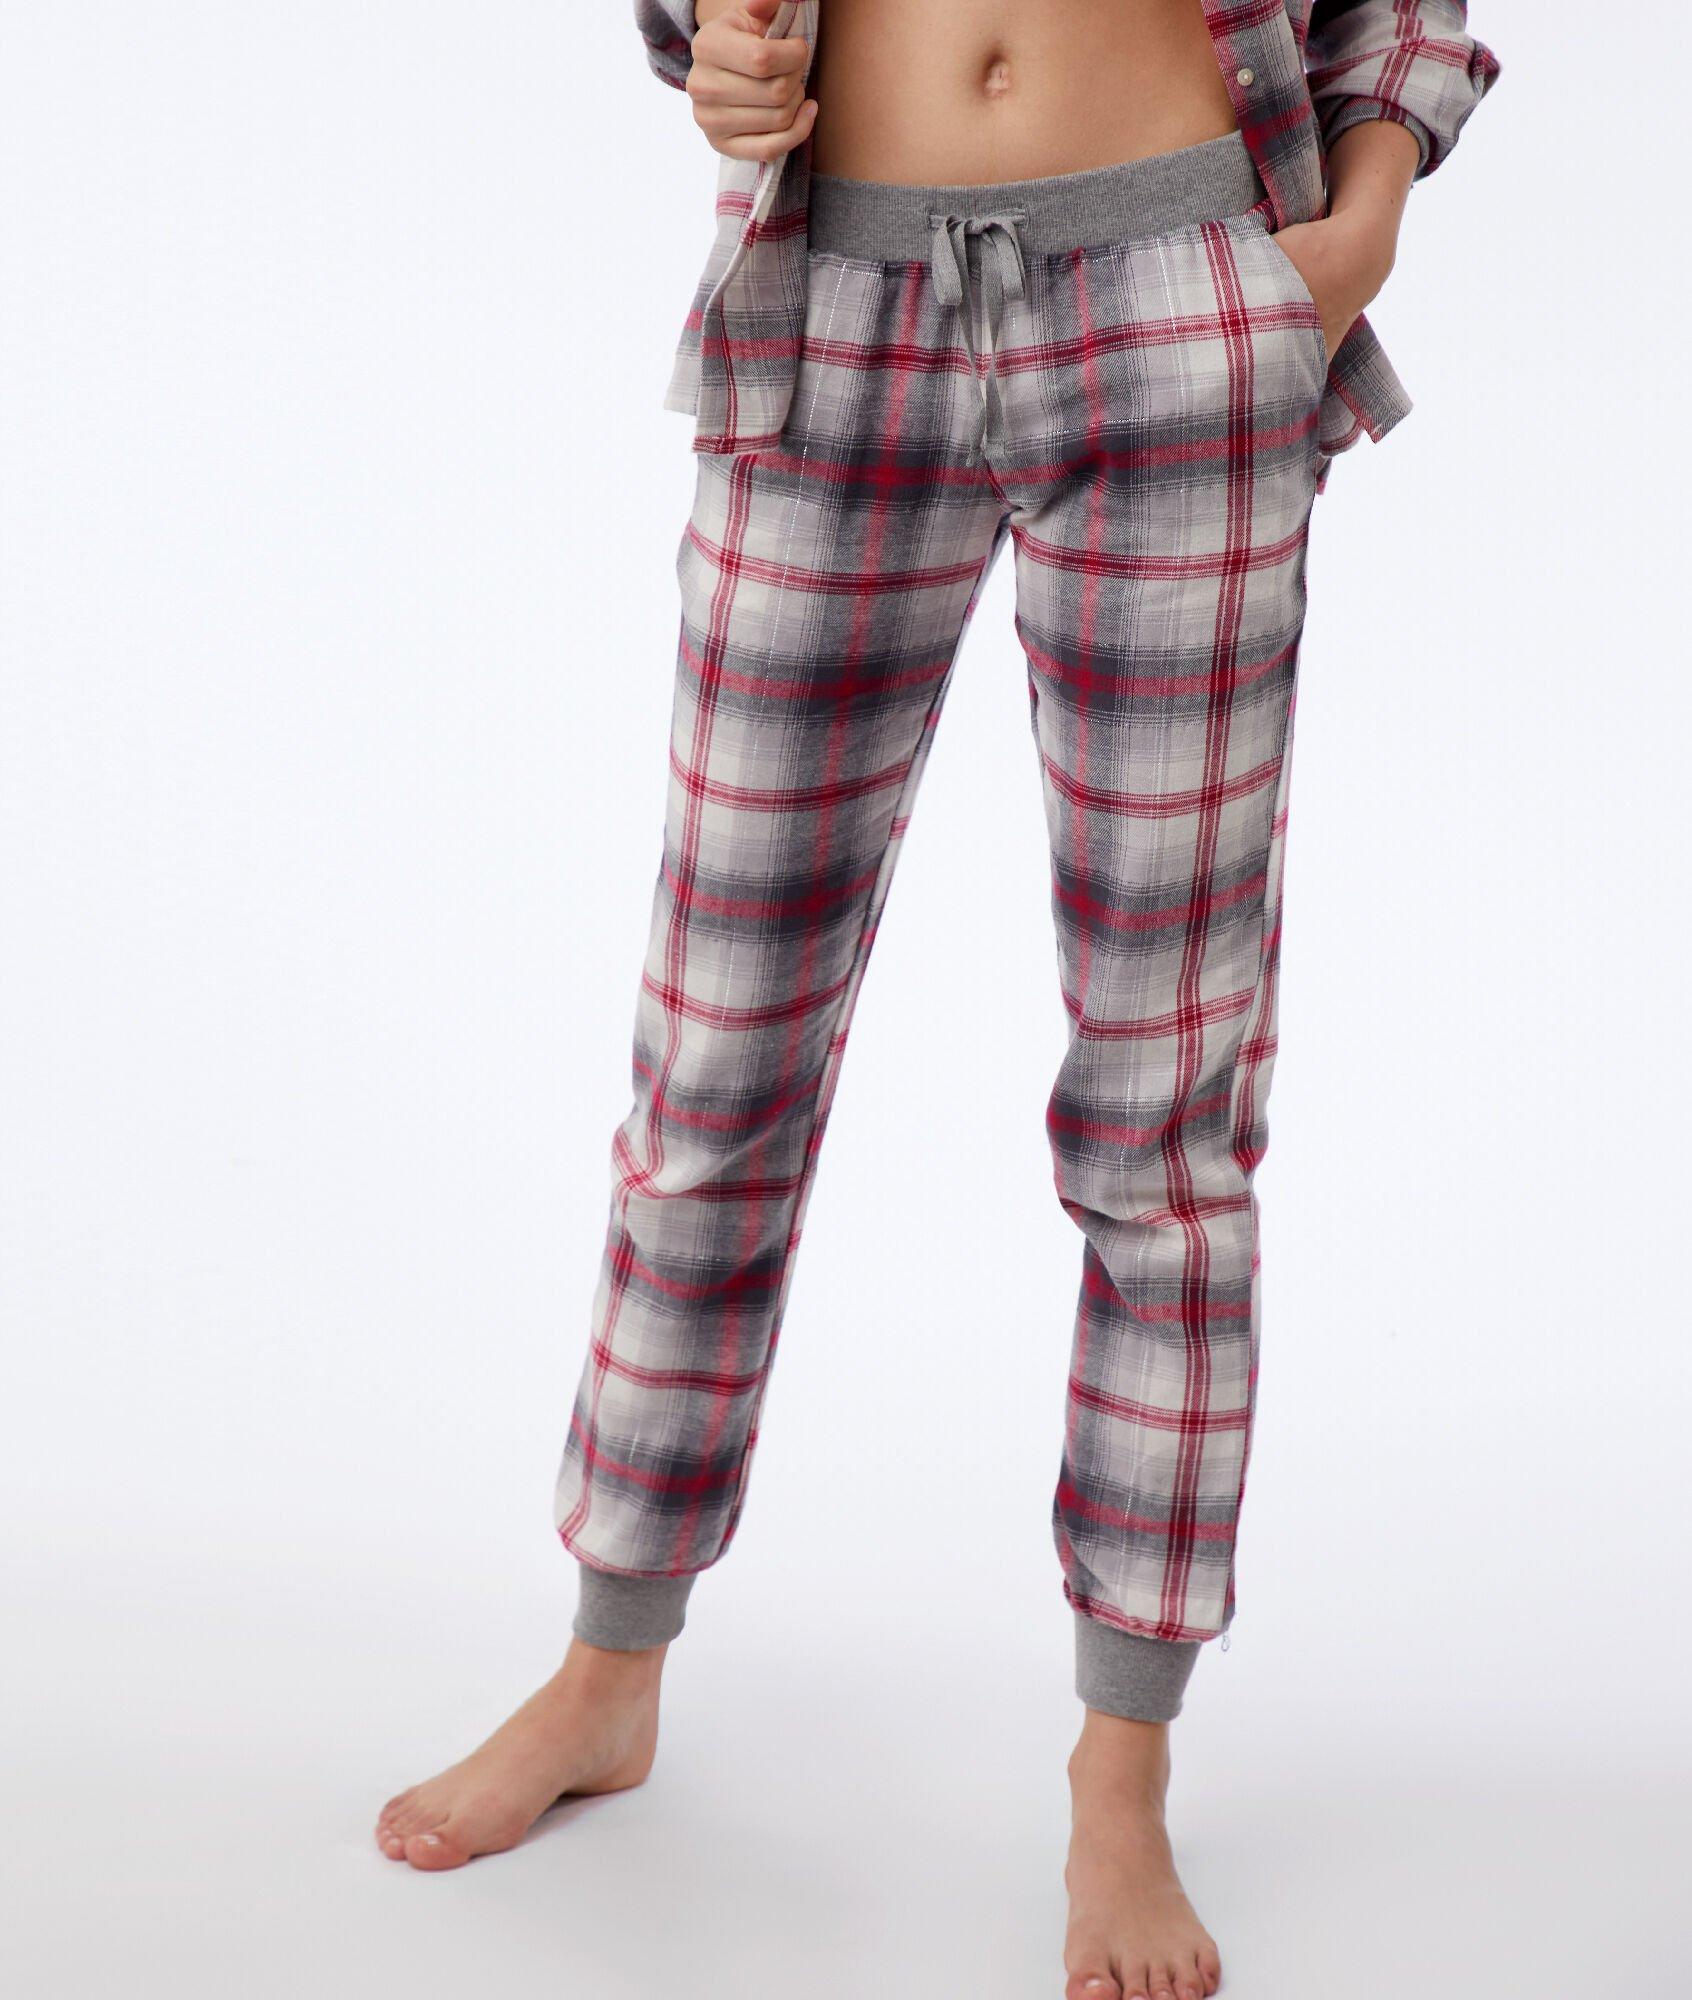 À Commander PyjamasLarge Commander Sur Choix PyjamasLarge Choix PyjamasLarge Sur À À Choix Commander ED2H9I